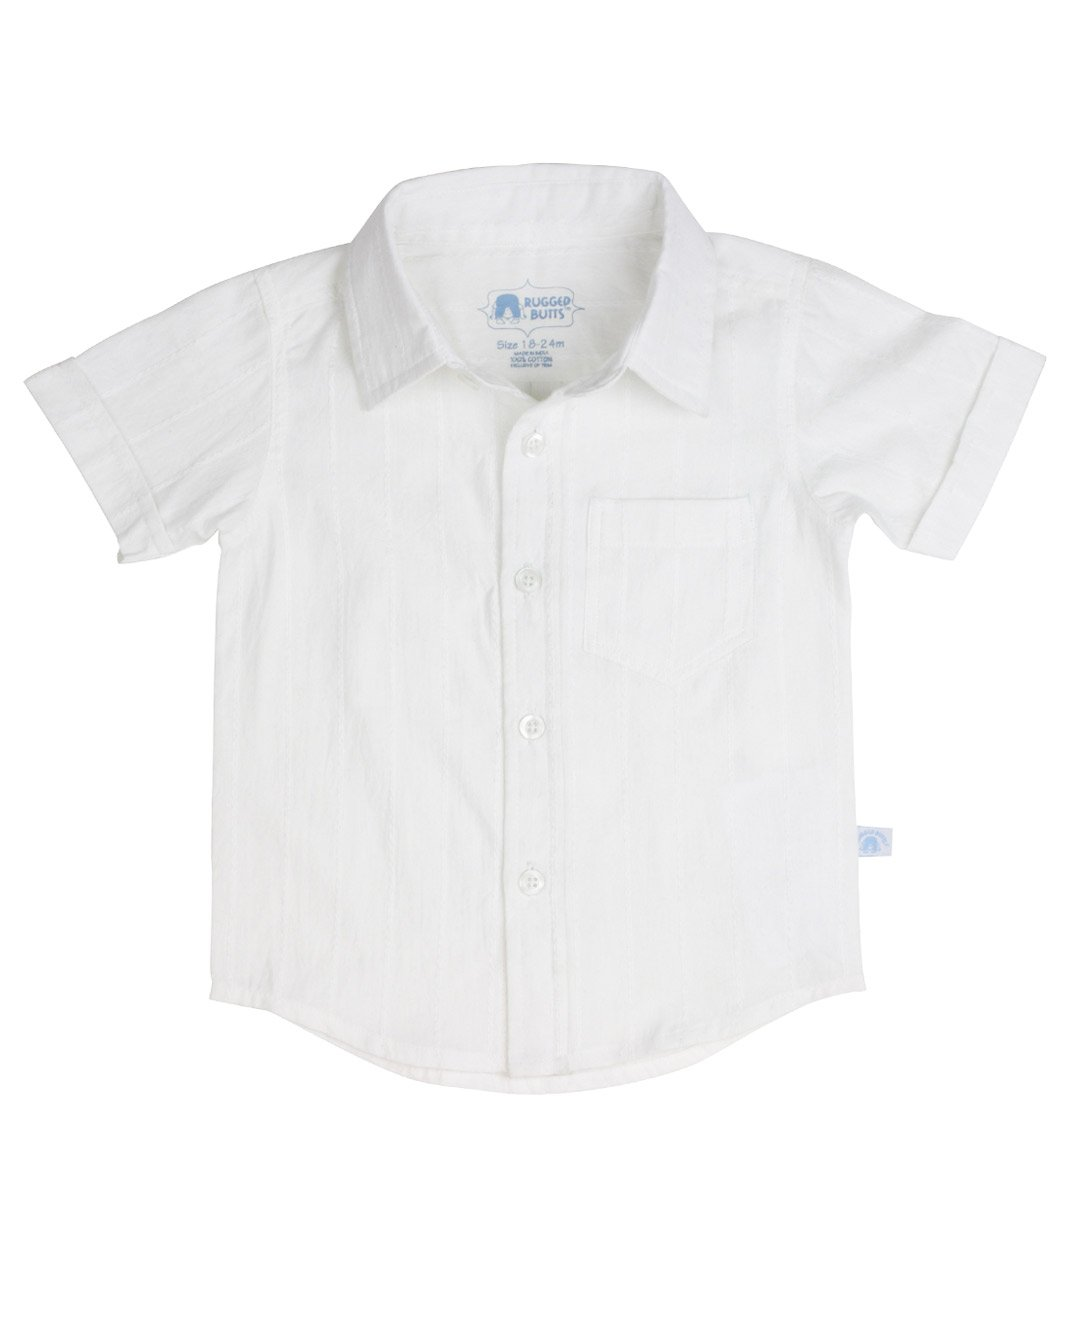 RuggedButts Little Boys Toddler White Dobby Woven Short Sleeve Shirt - 3T